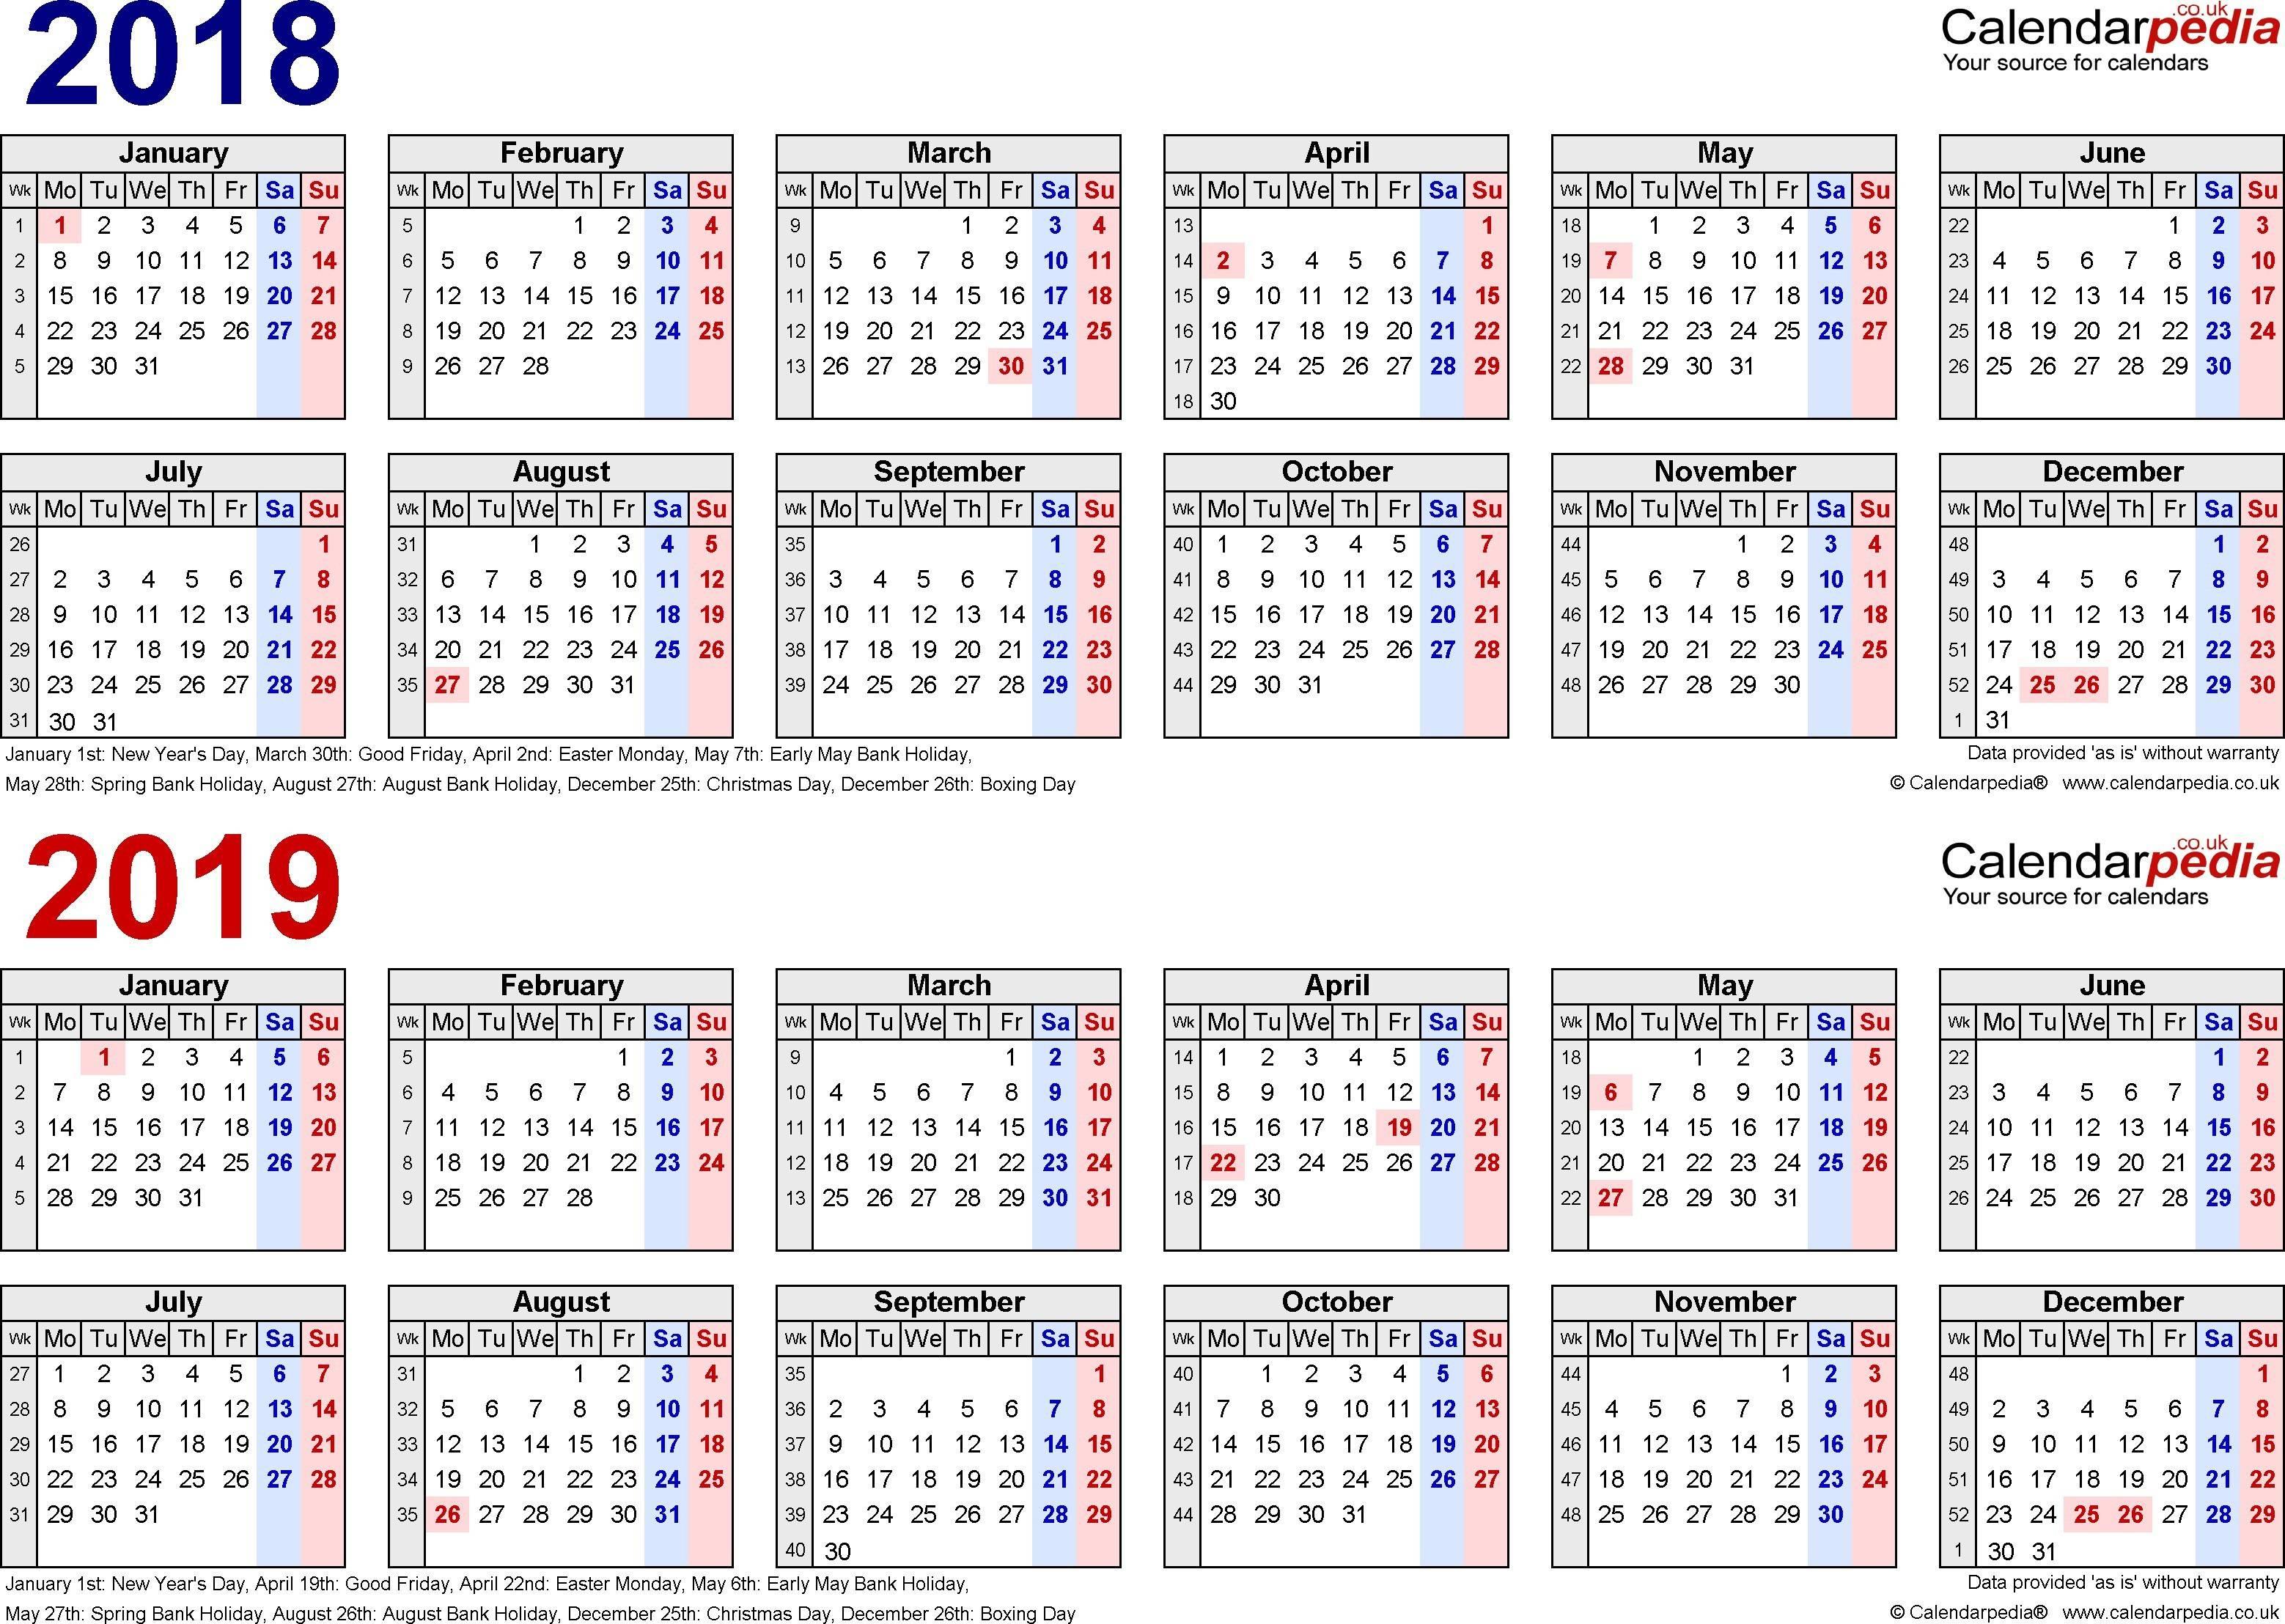 Payroll Calendar Template 2019